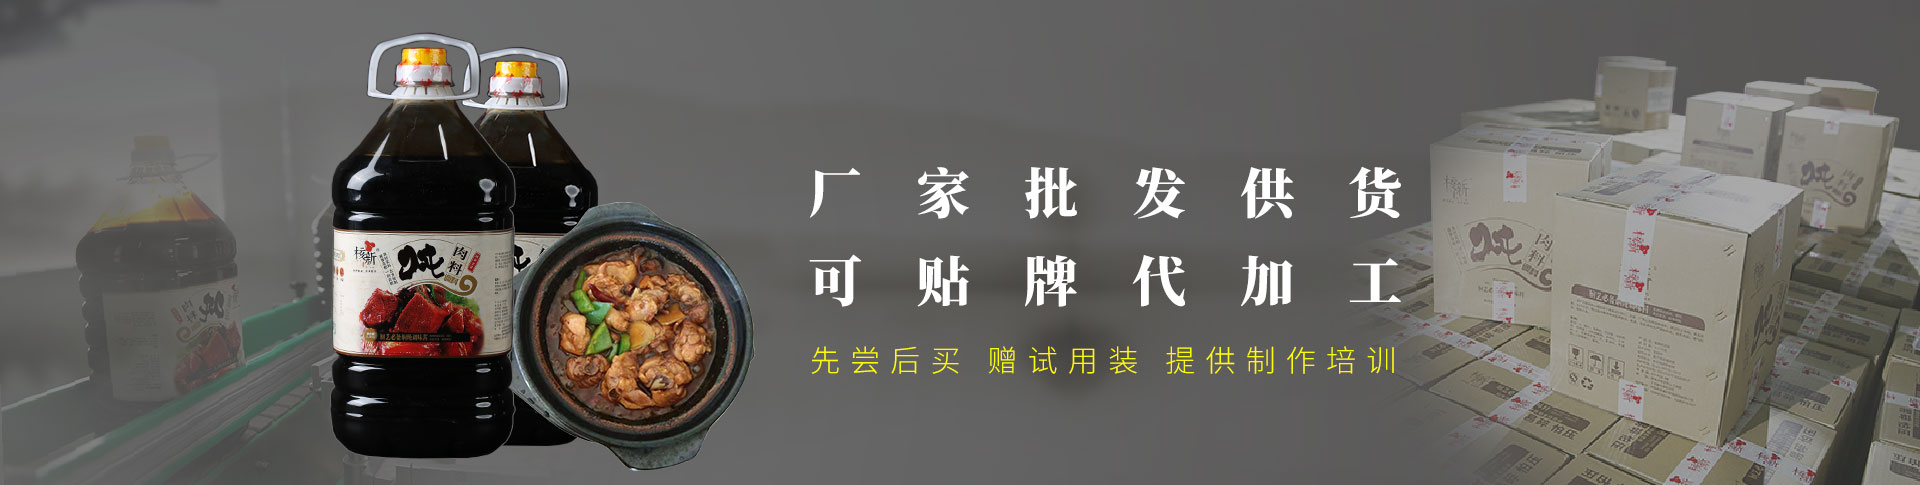 天津黄焖鸡米饭的调料代加工